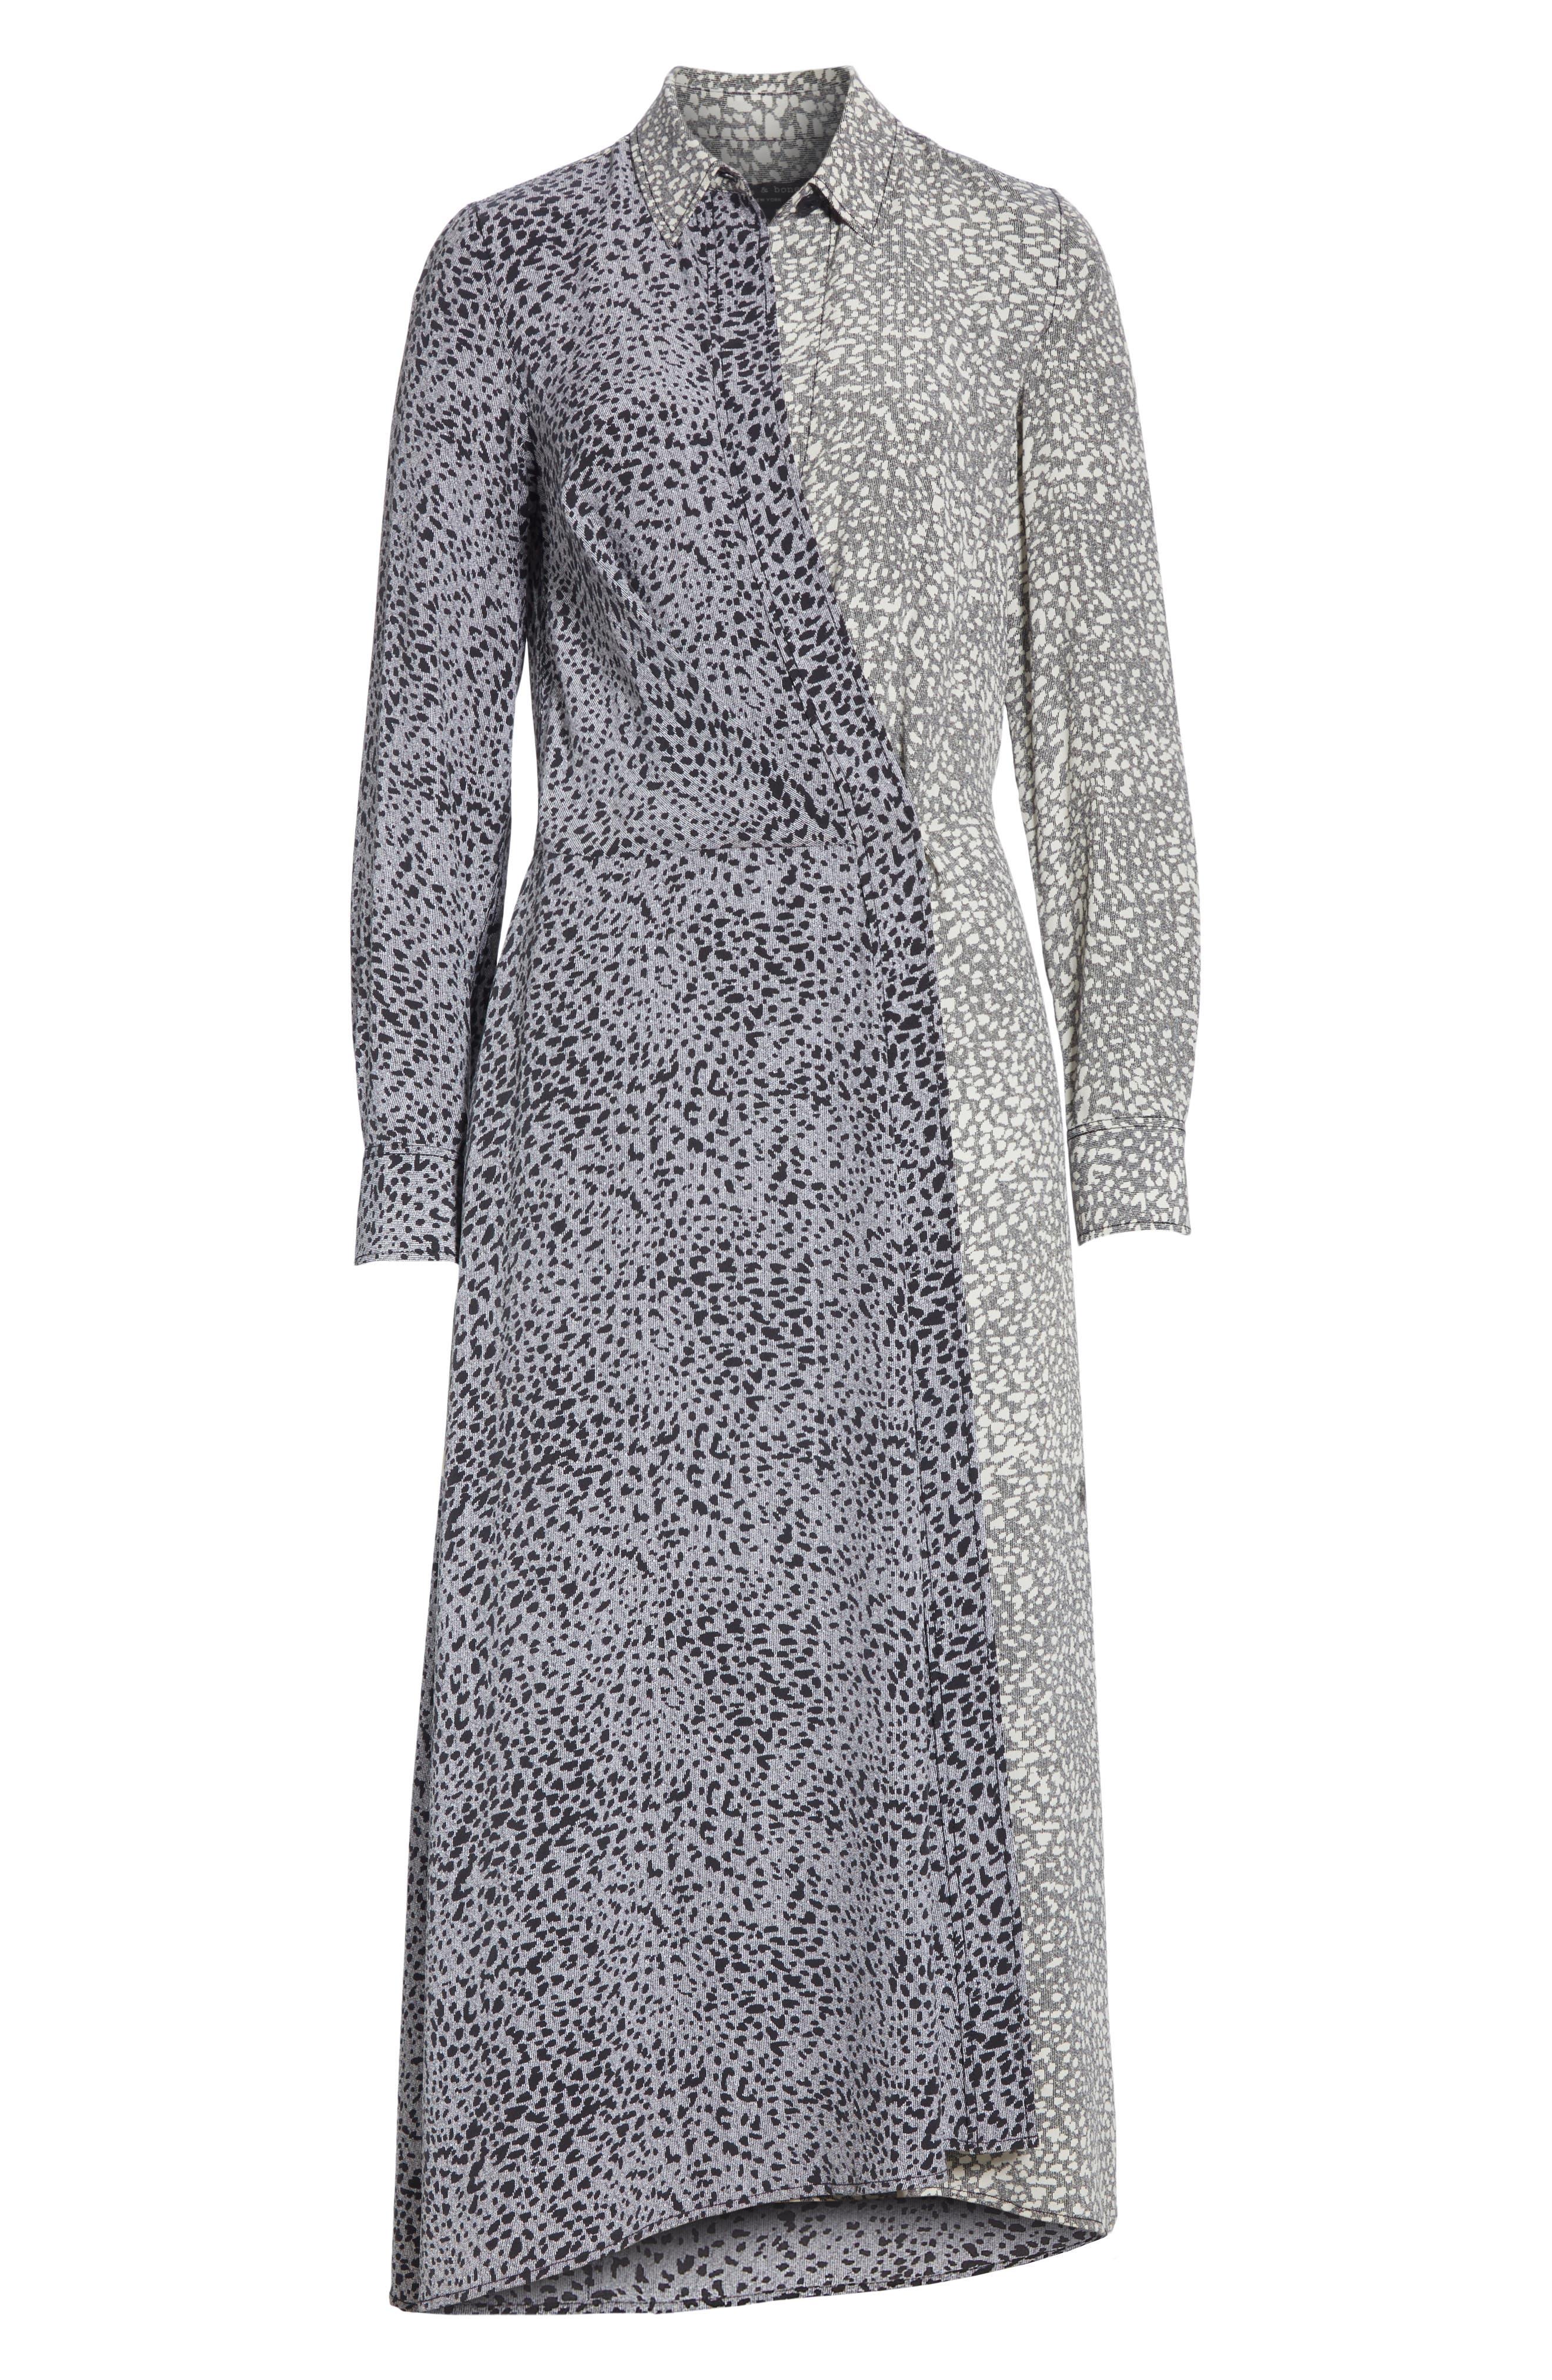 Karen Cheetah Print Silk Dress,                             Alternate thumbnail 6, color,                             BLACK MULTI